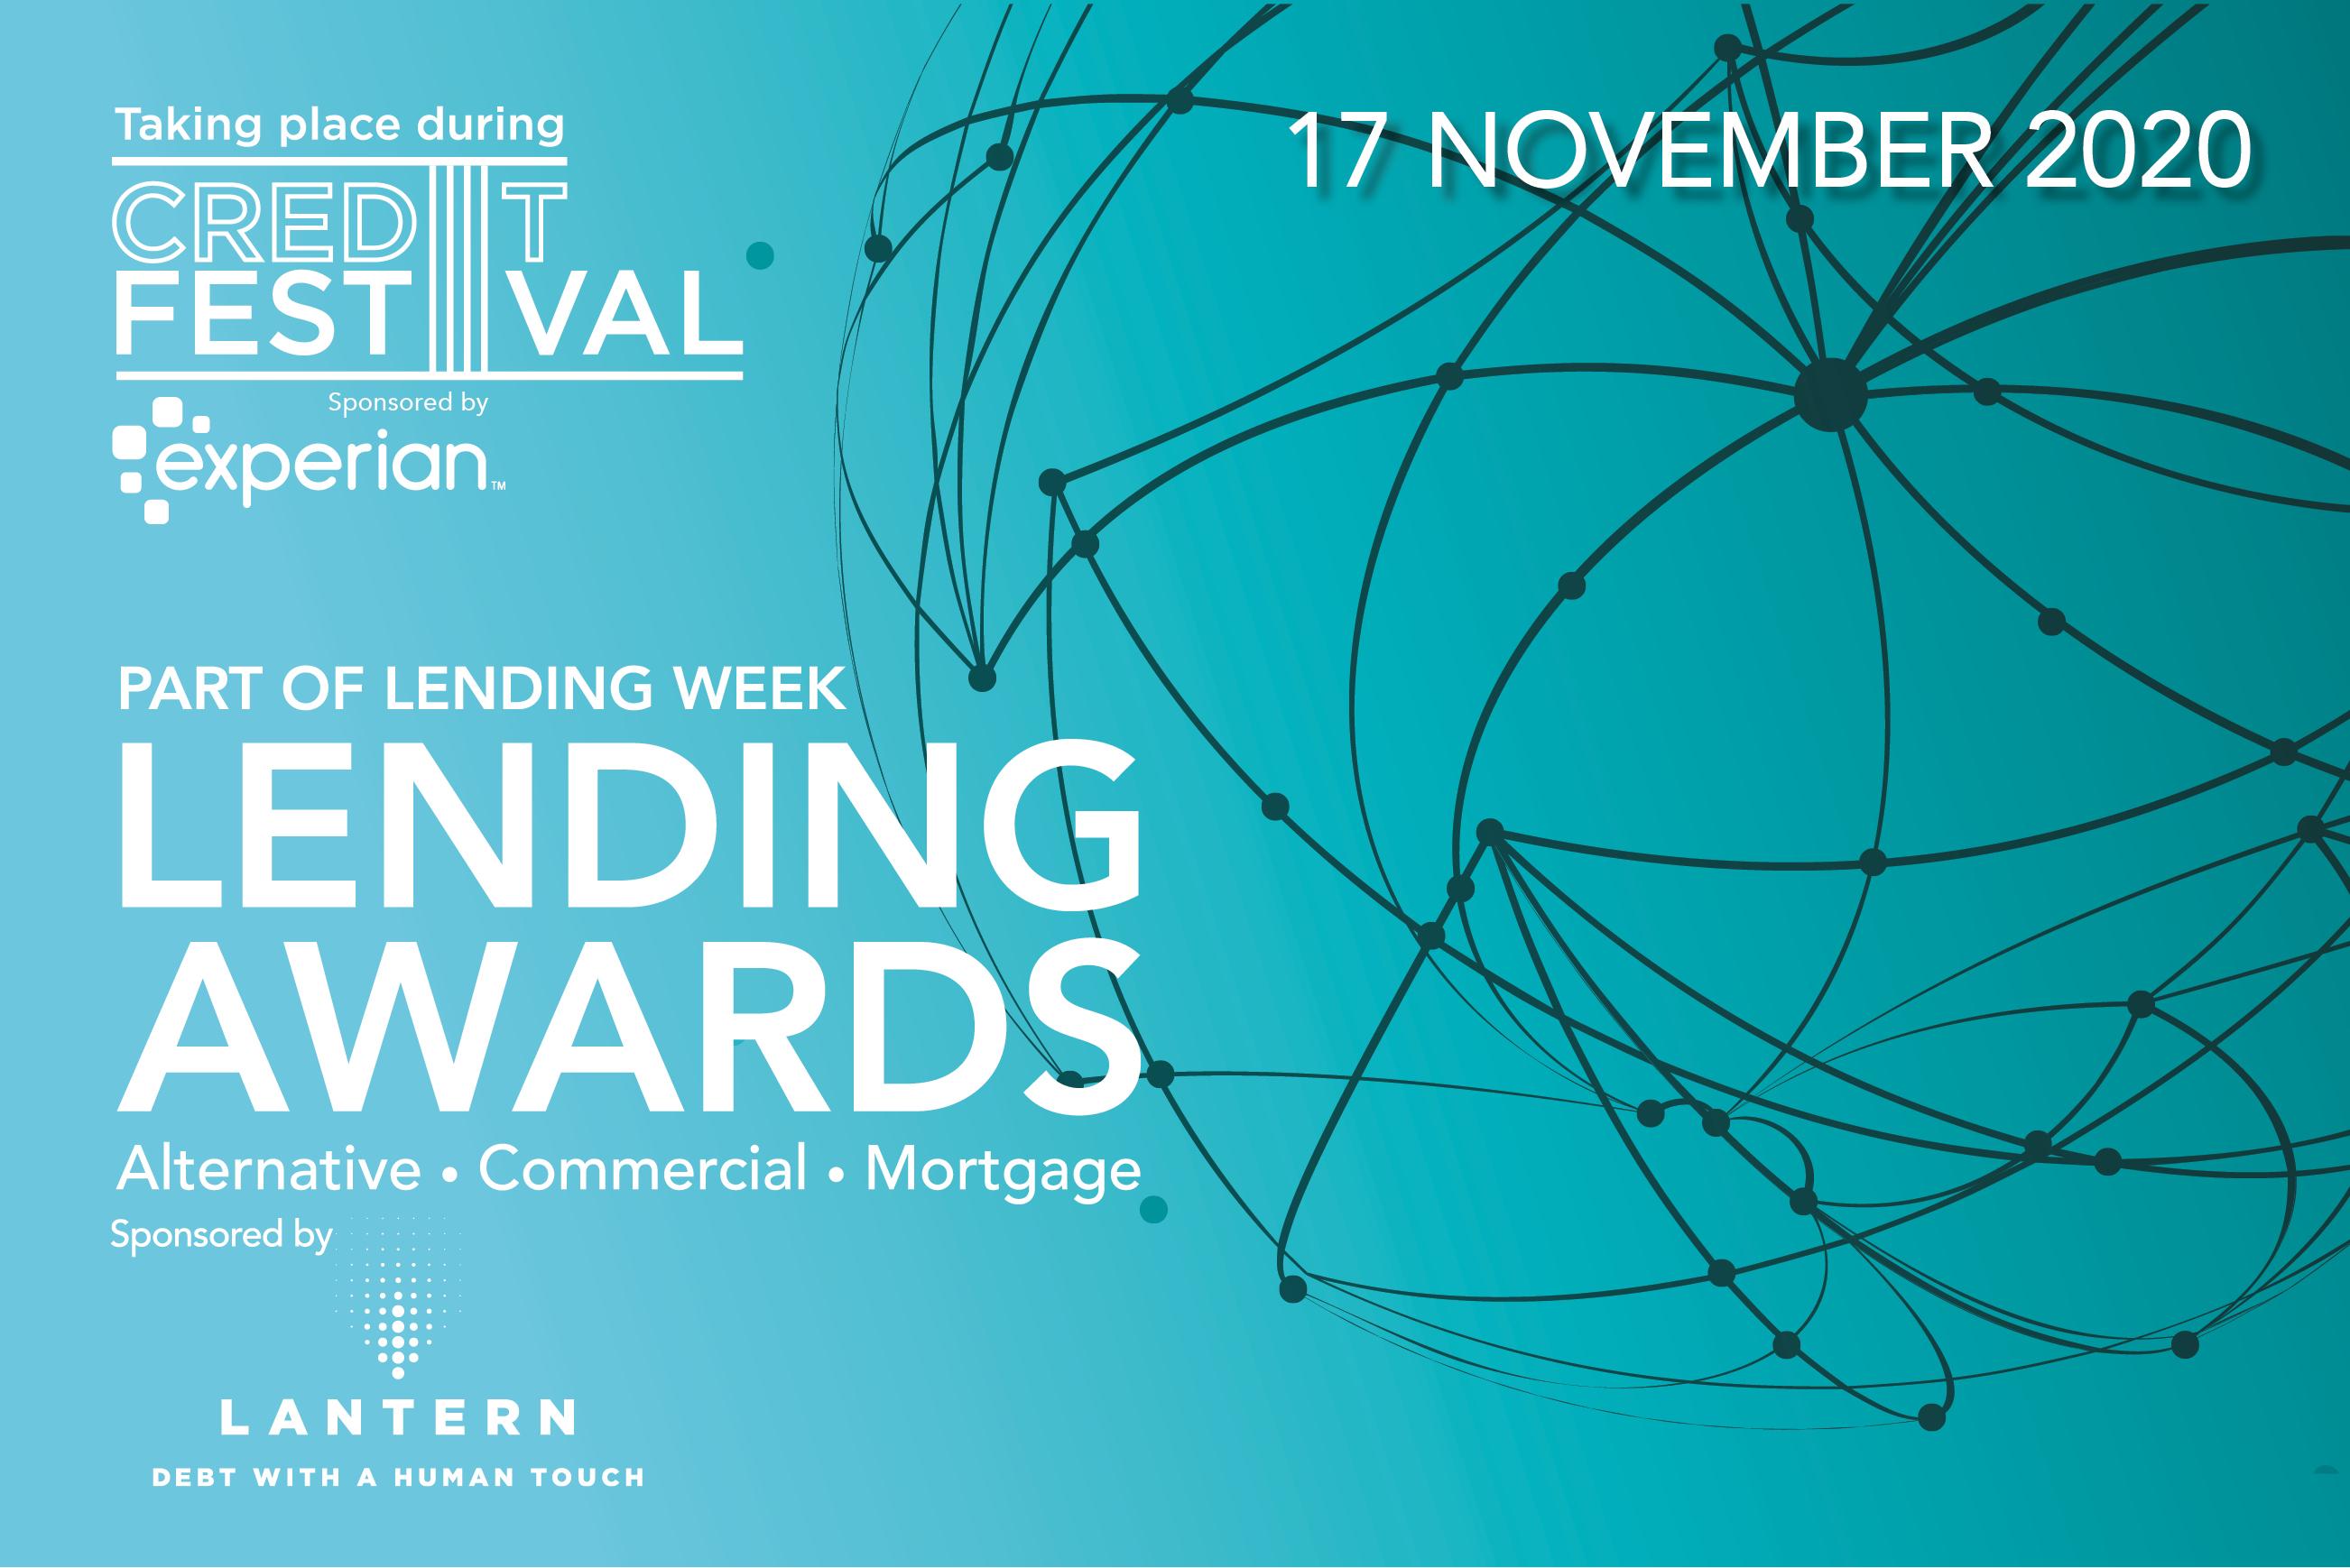 Lending Awards